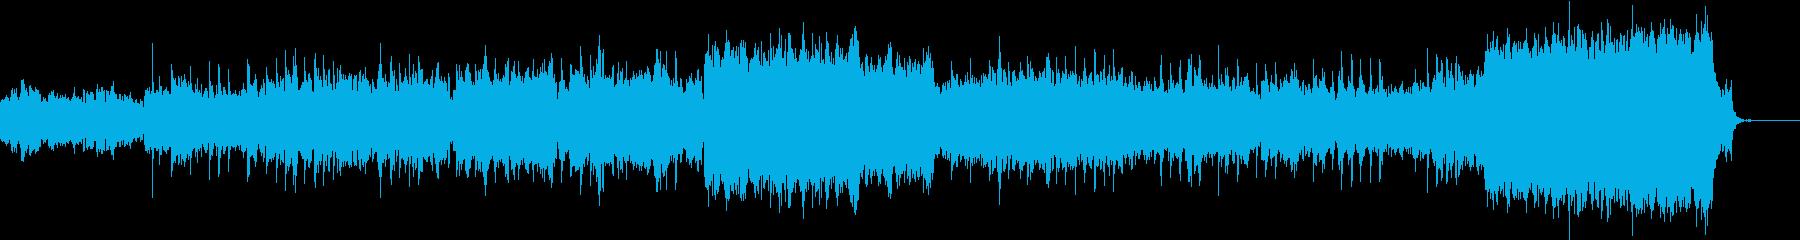 意外となかった?ザ・本格派和風音楽4の再生済みの波形